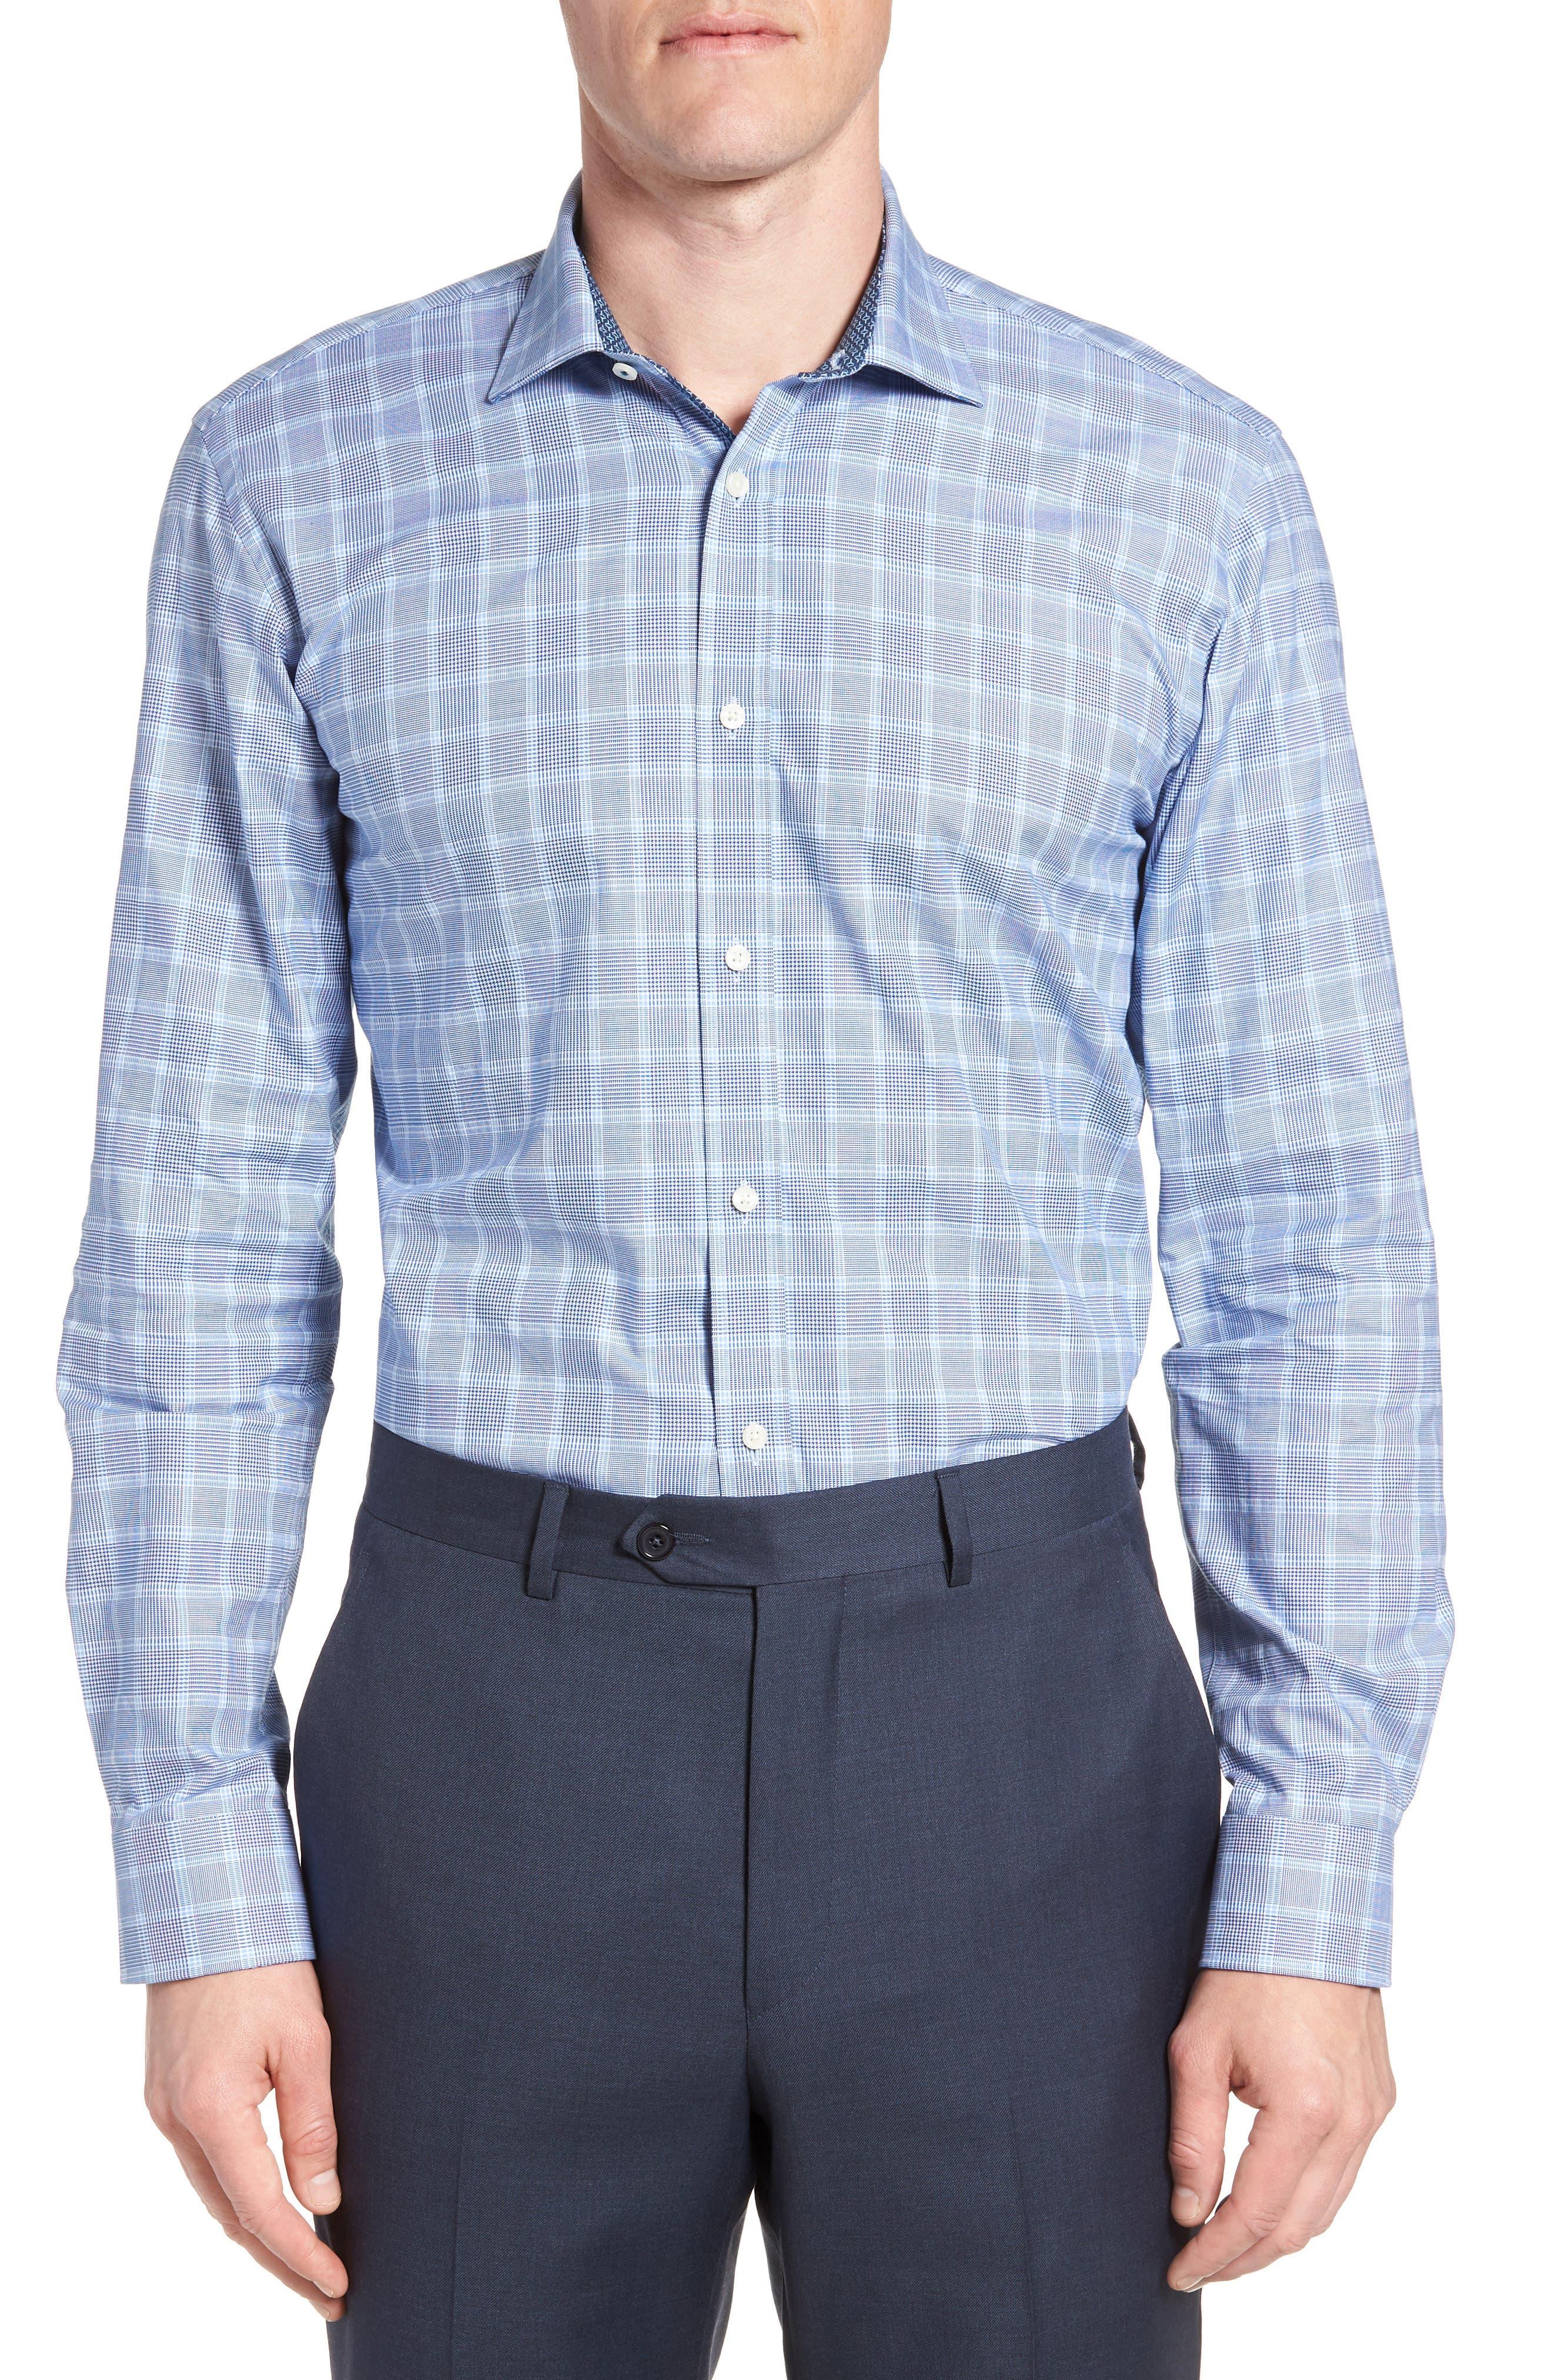 Royaltt Trim Fit Plaid Dress Shirt,                             Main thumbnail 1, color,                             NAVY